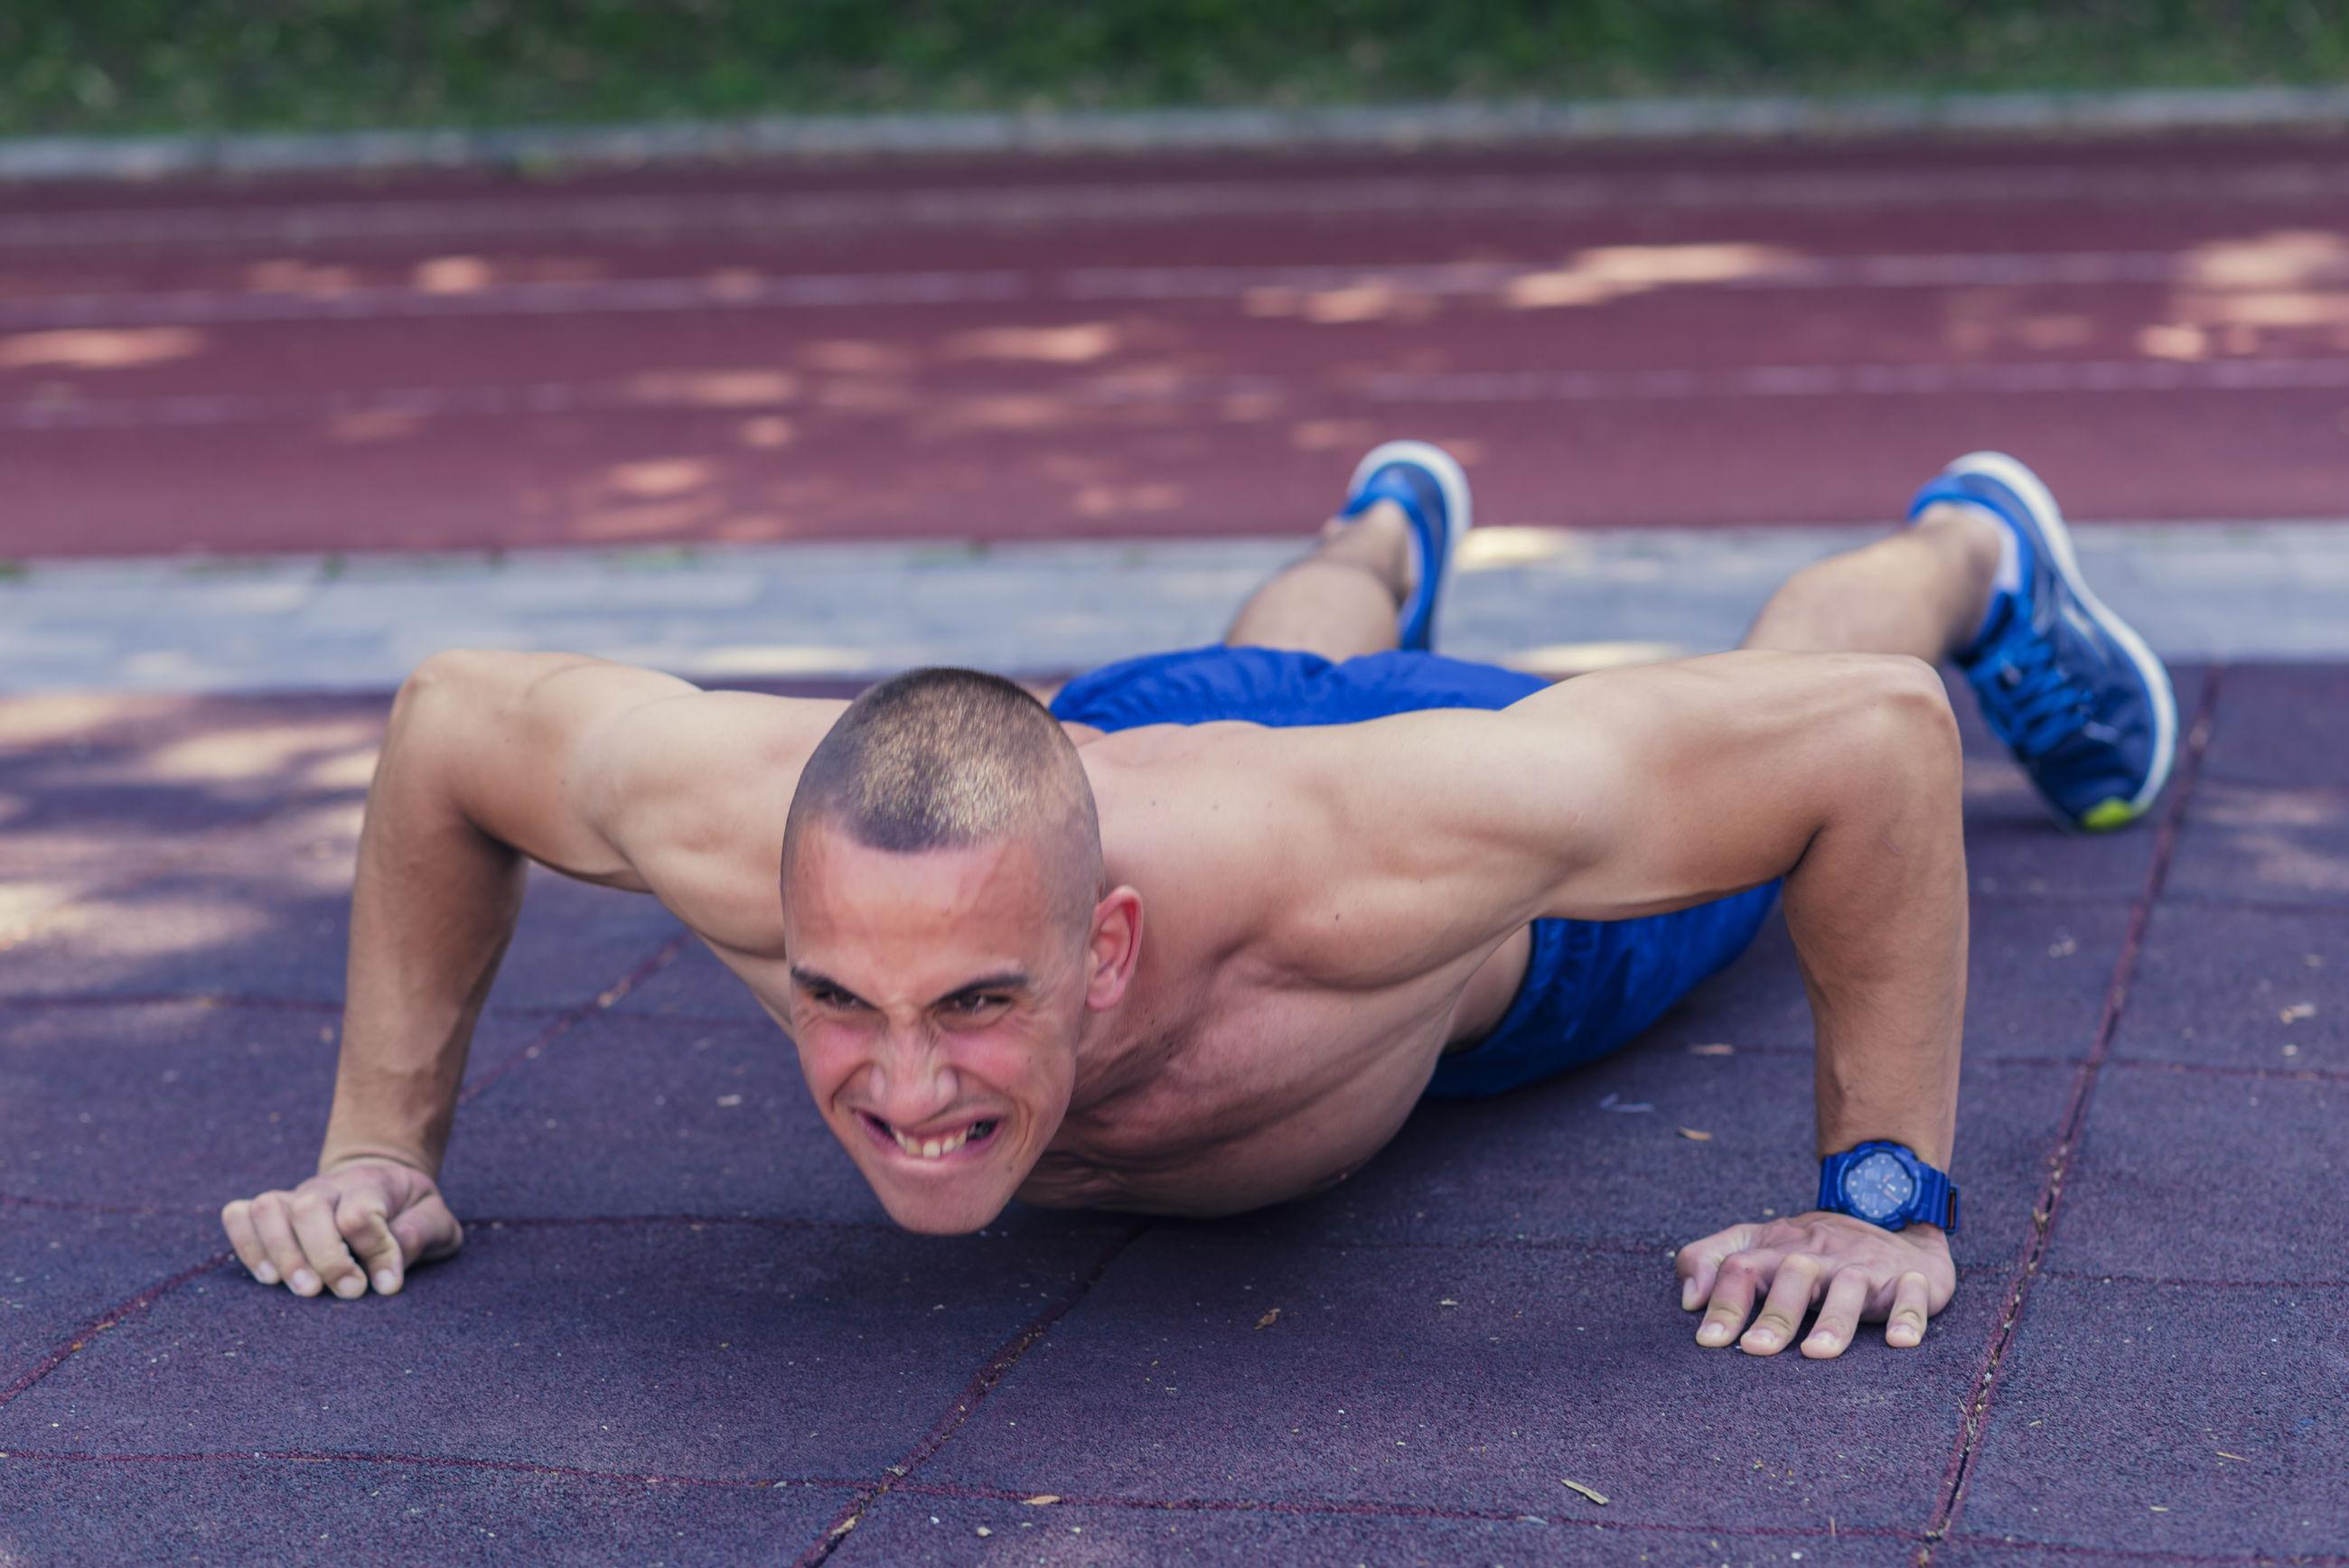 Shirtless muscular man practicing push-ups on street